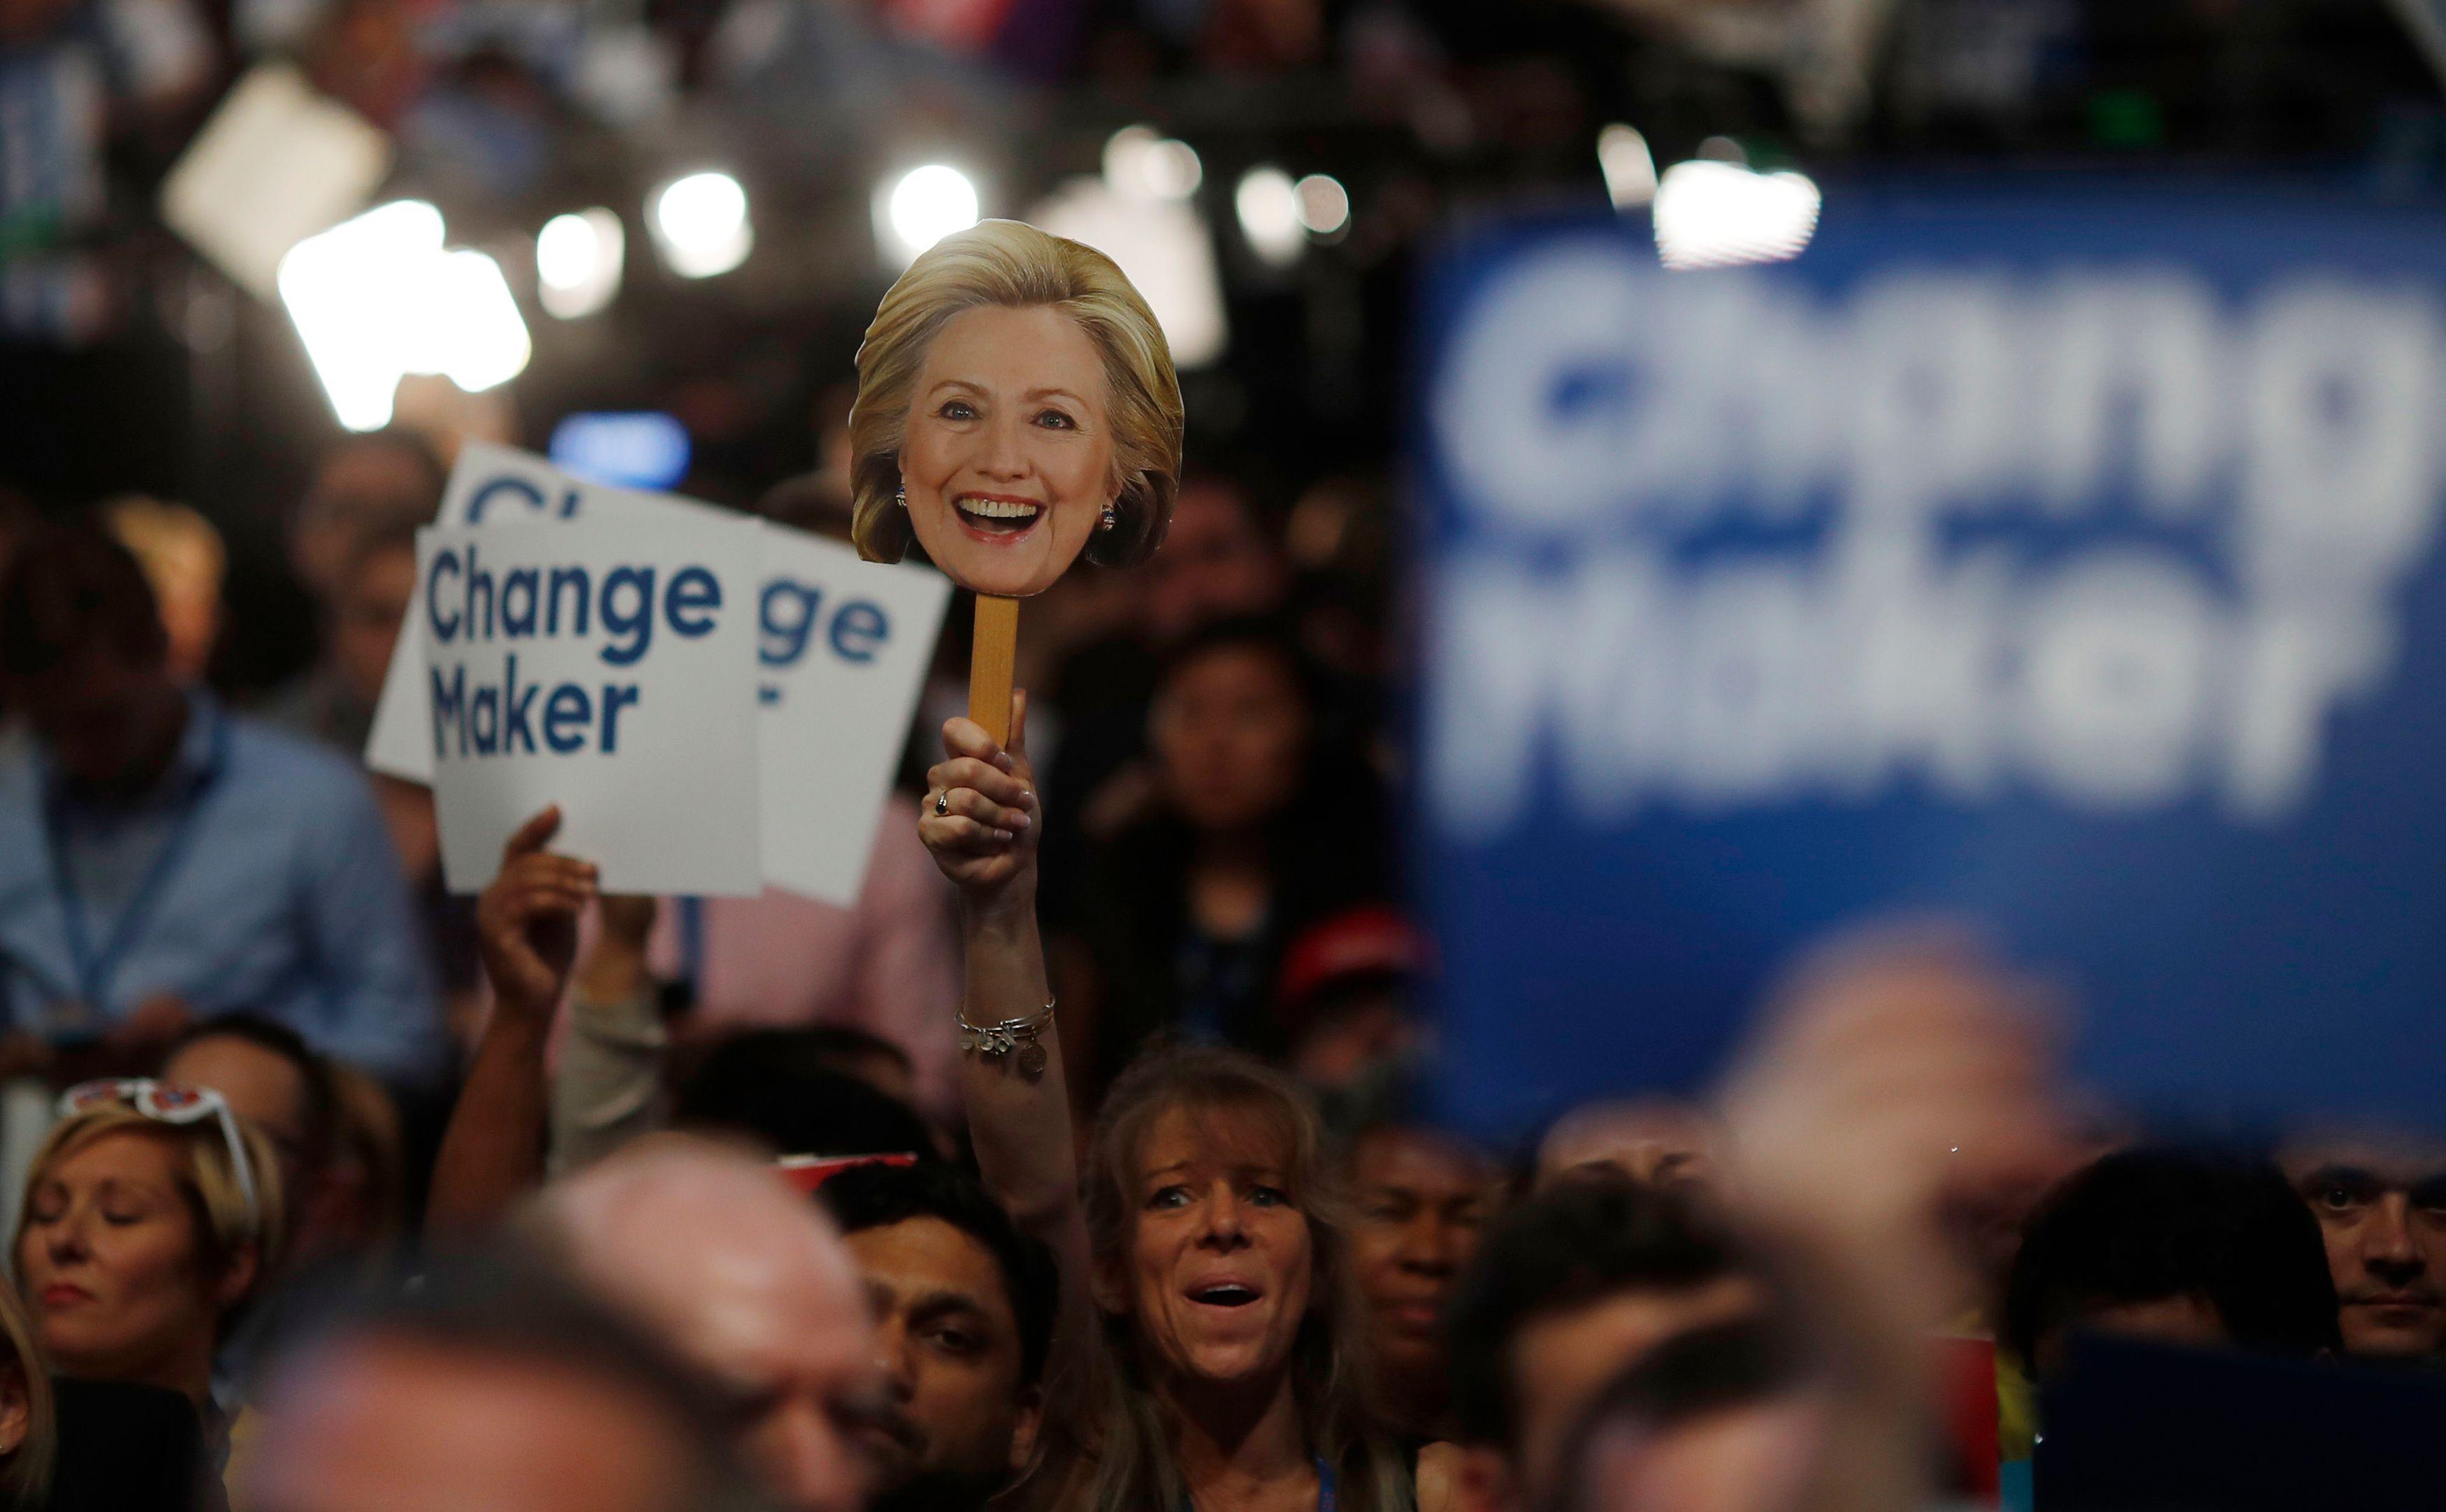 Contre-intuitif et pourtant… Pourquoi la présidentielle américaine 2016 représente un sursaut démocratique quel qu'en soit le résultat final